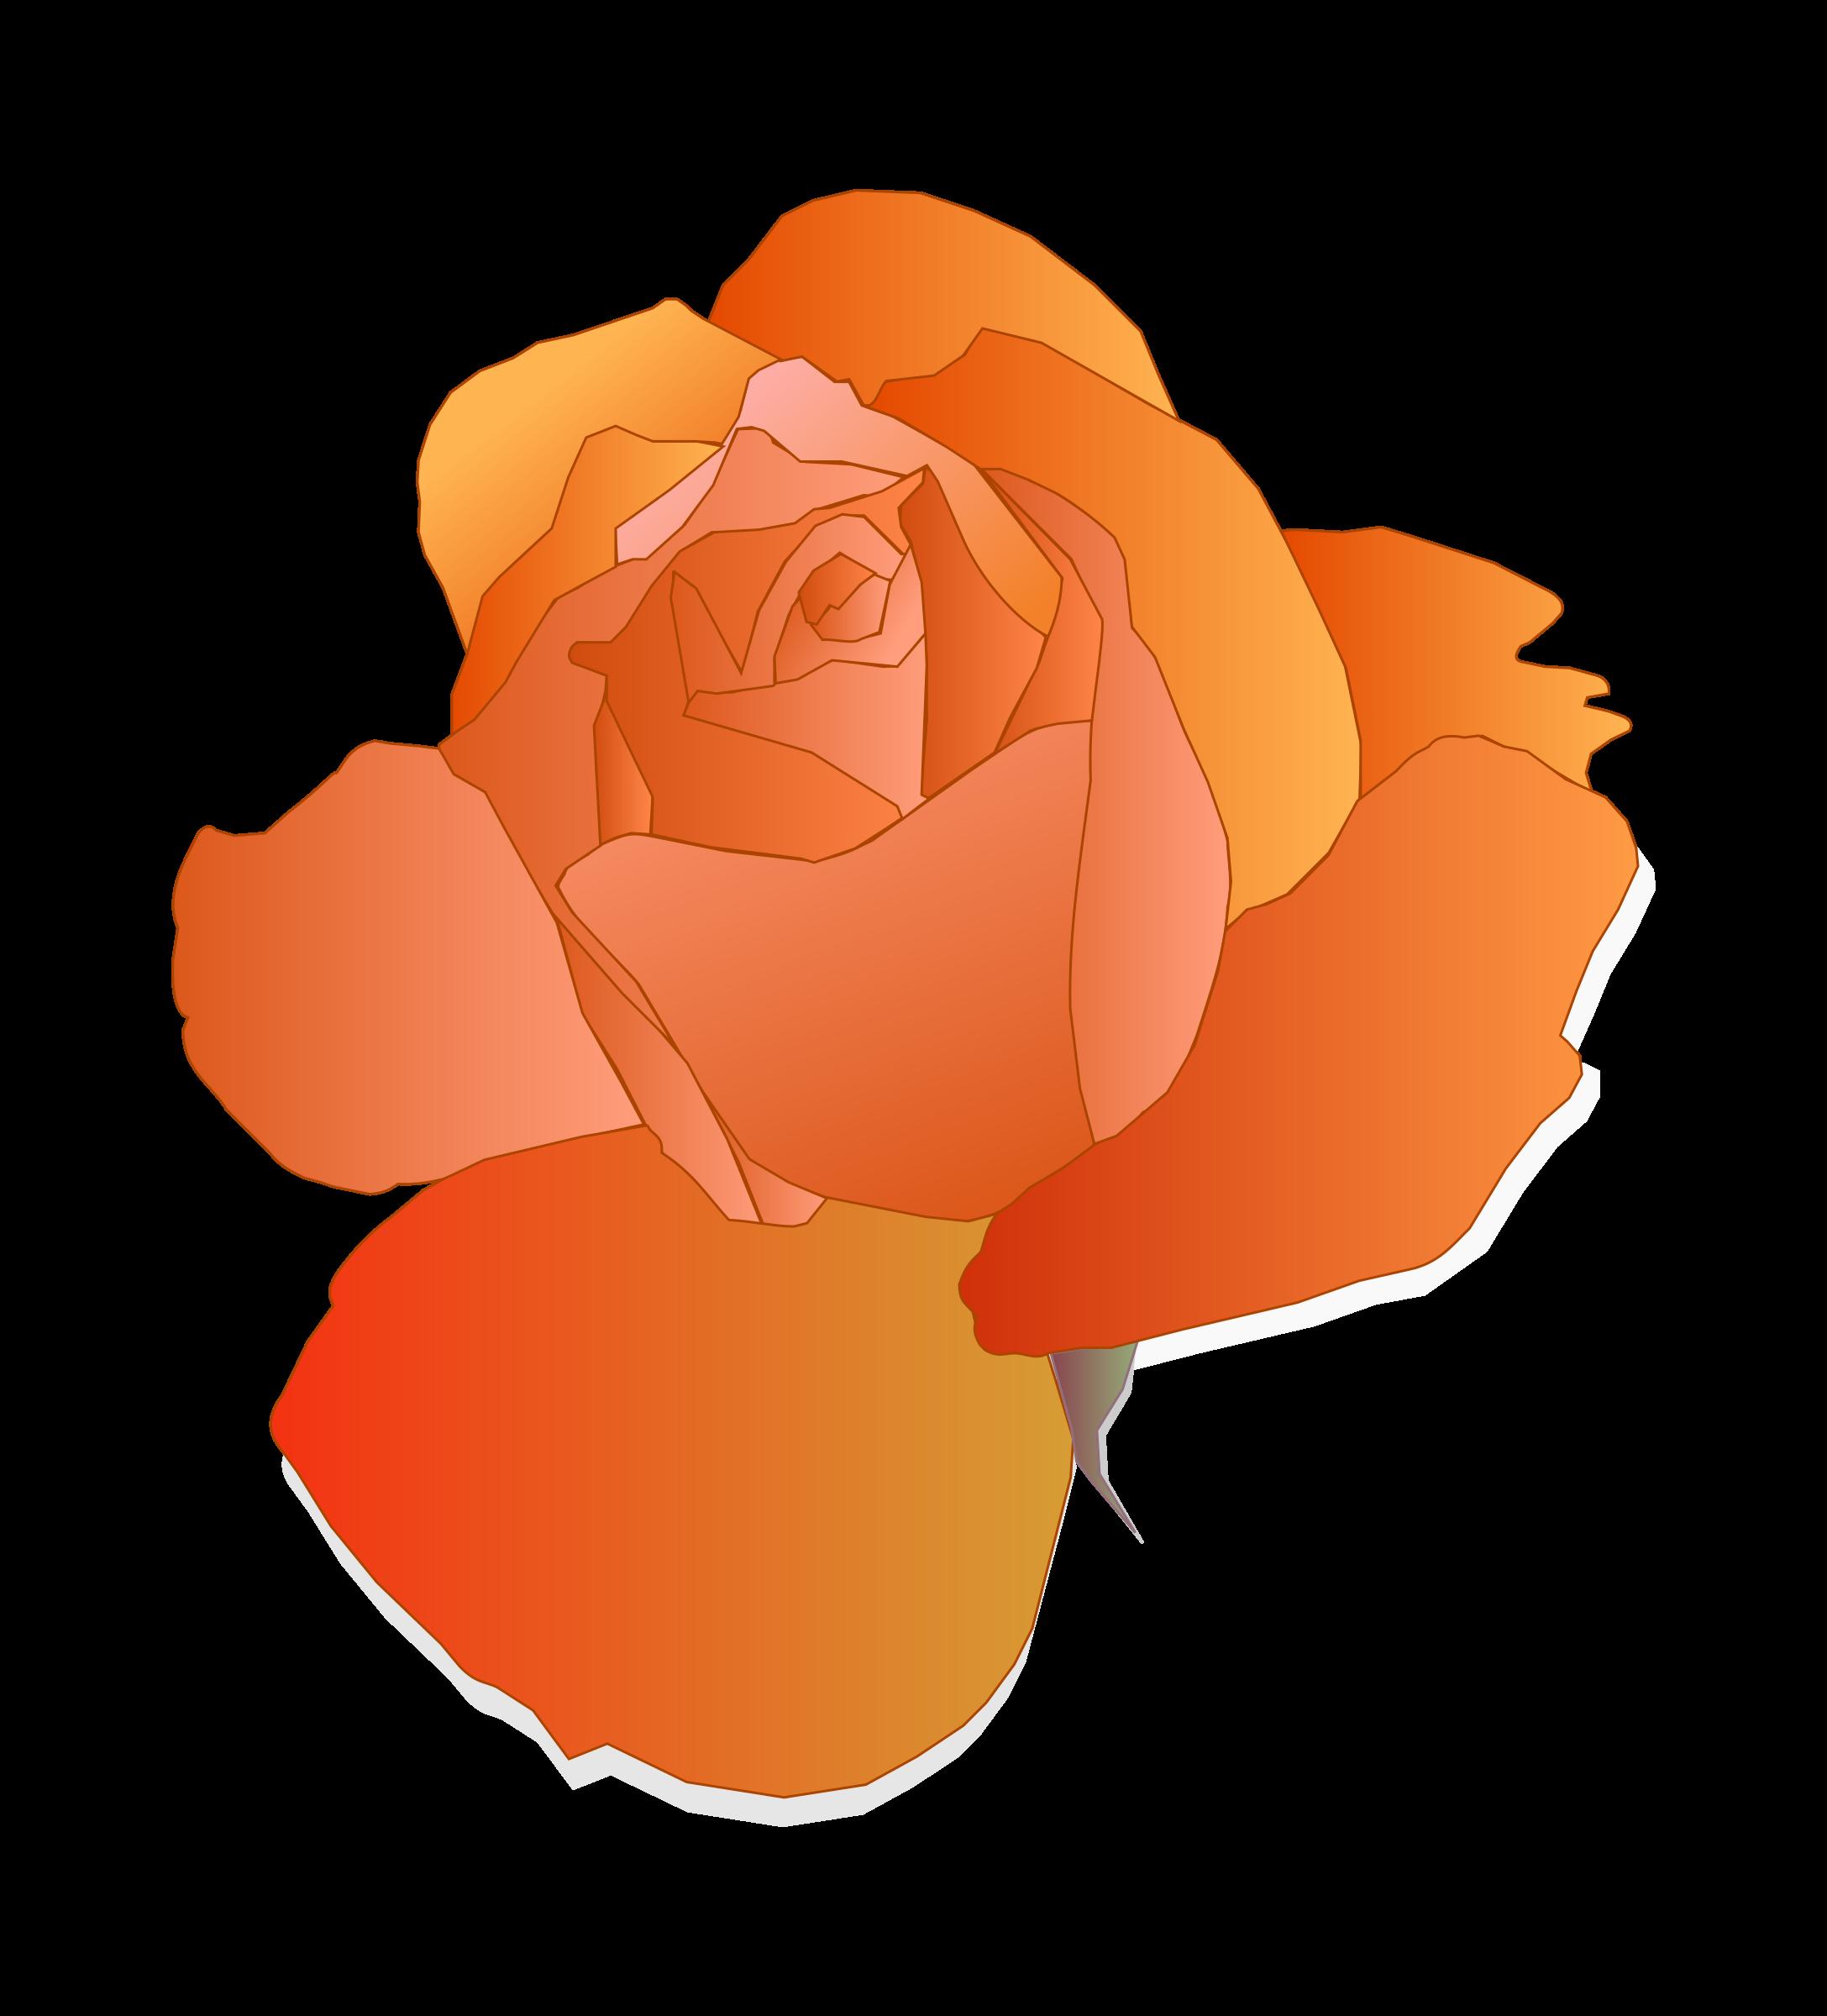 Rose clipart peach rose. Orange